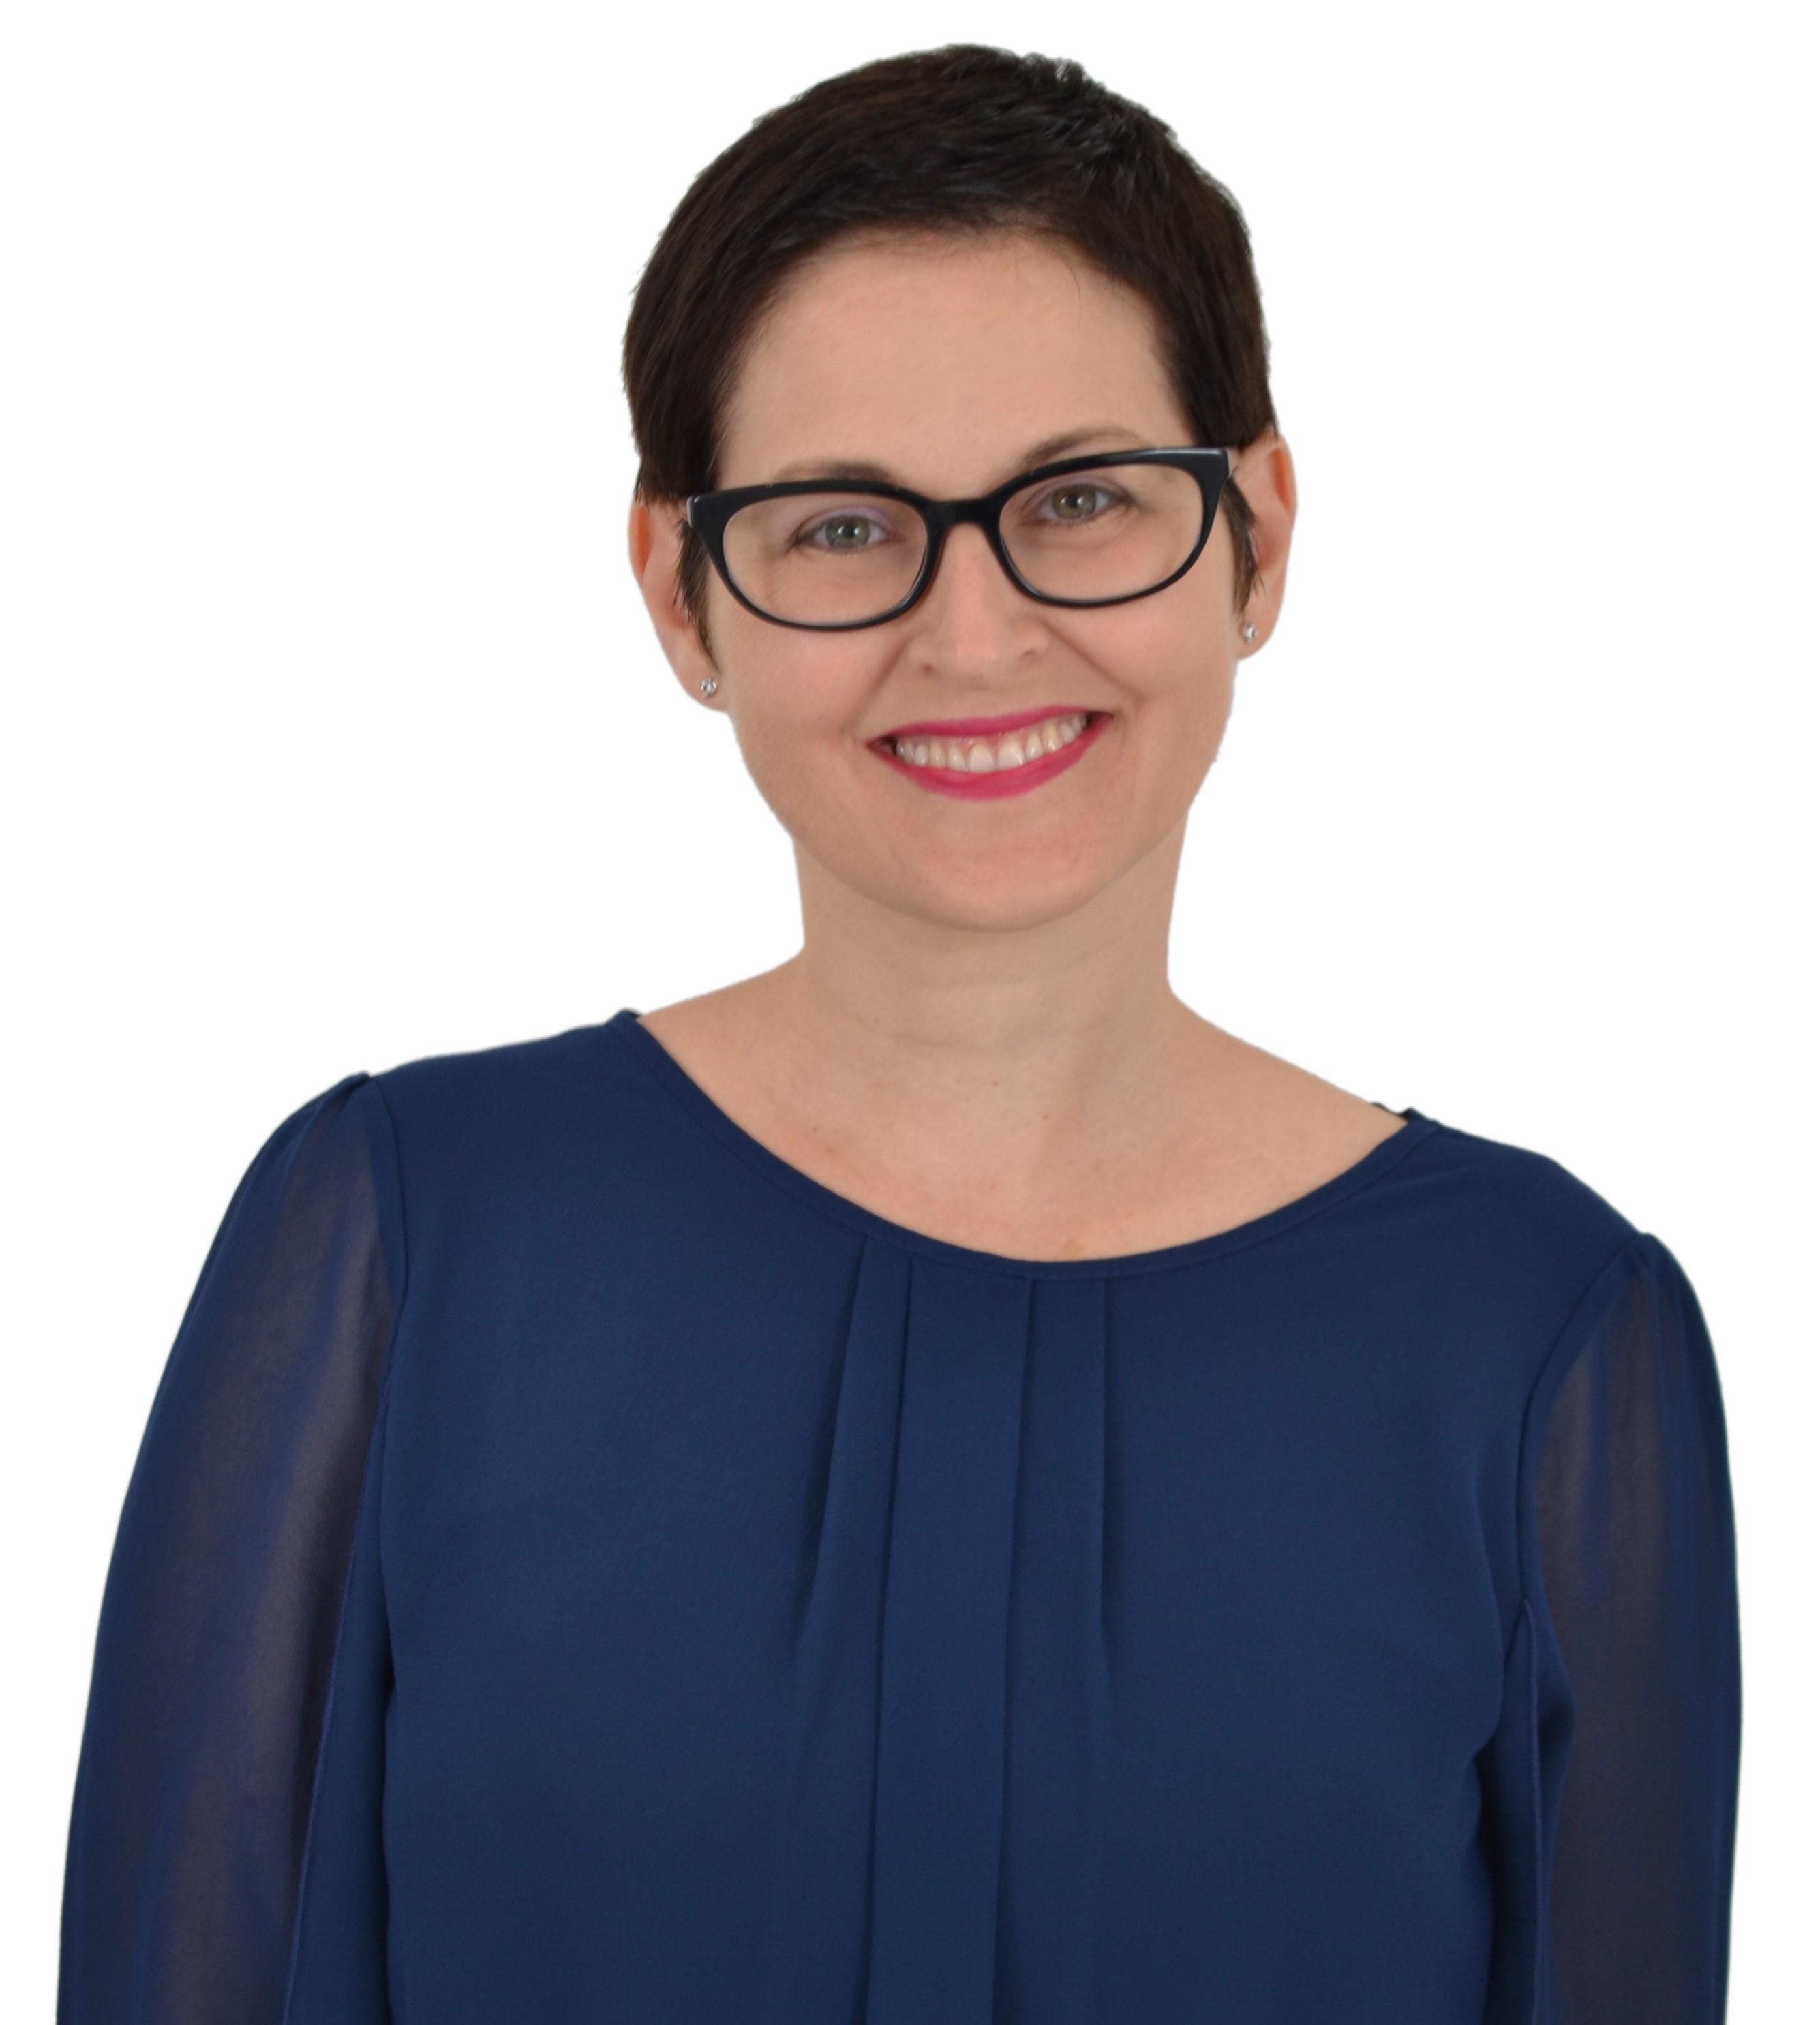 Dr. Silvia Vaccino-Salvadore